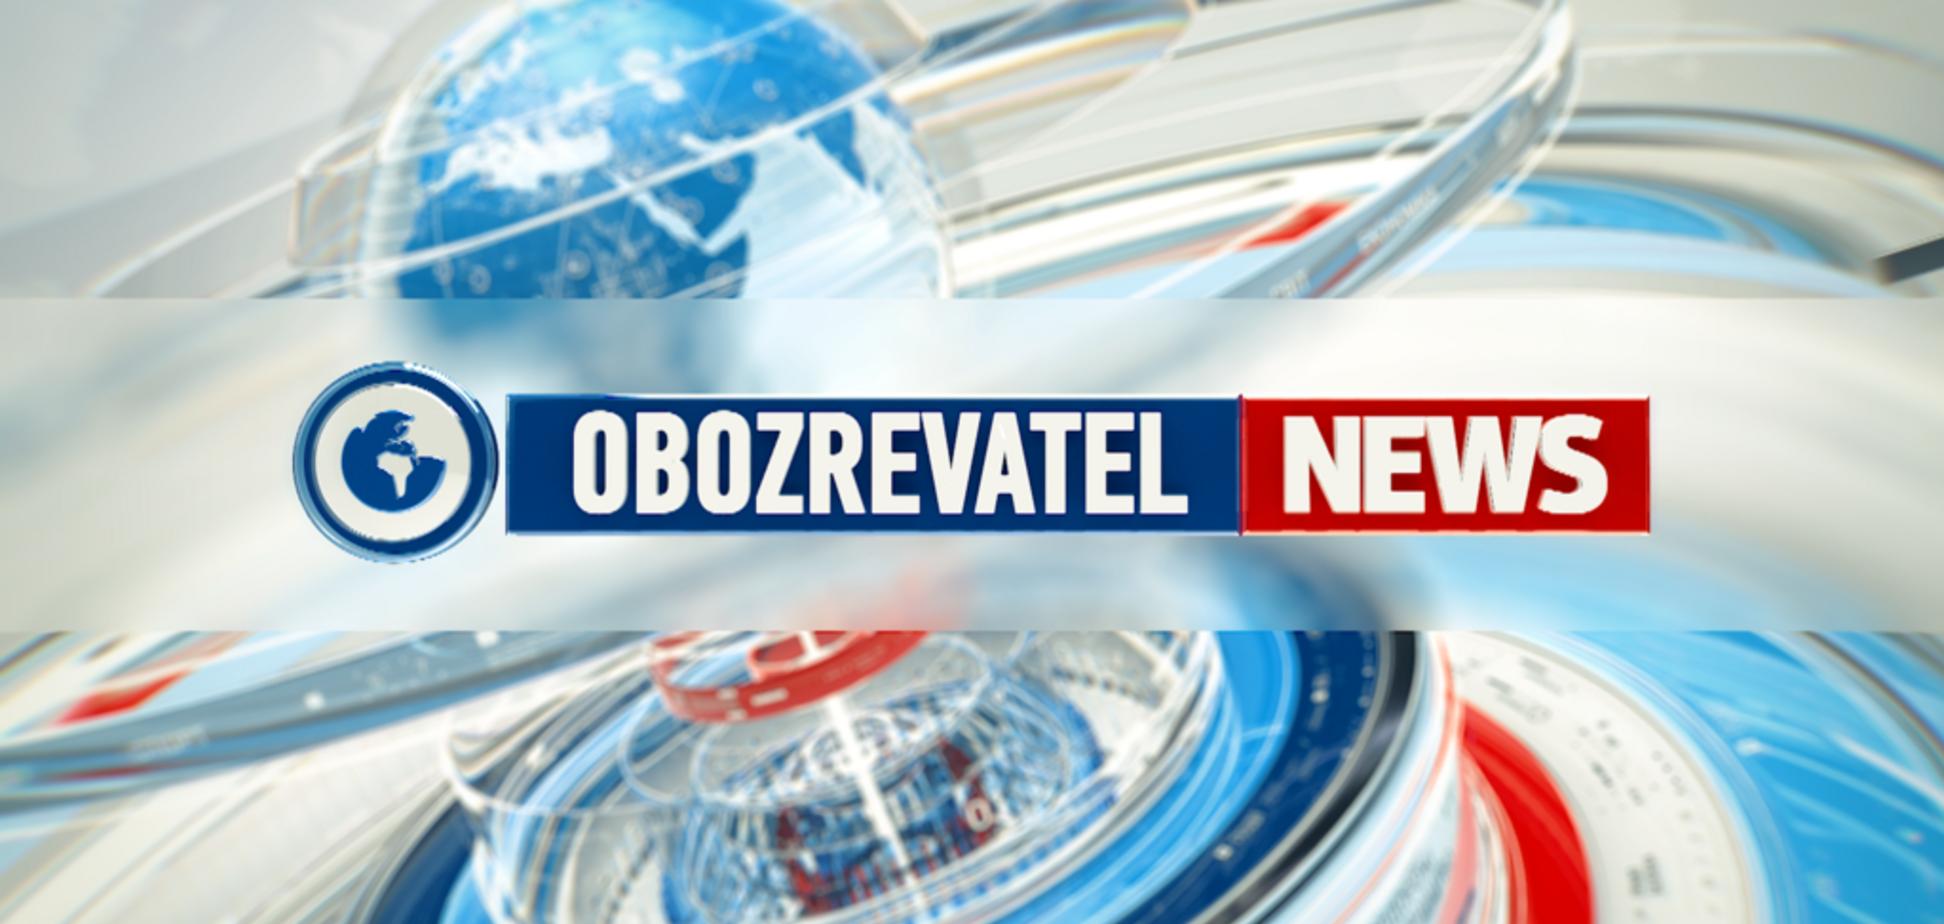 Российские силовики проводят очередные обыски в аннексированном Крыму: Obozrevatel News